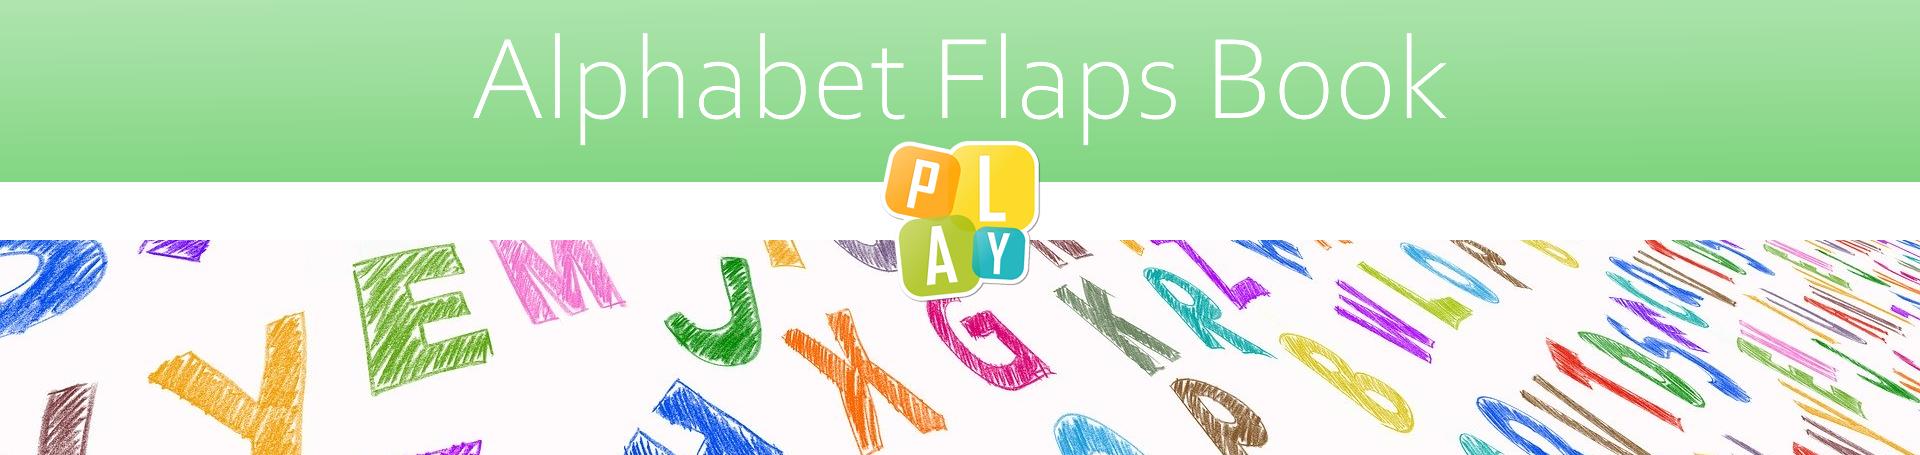 Header Alphabet Flaps